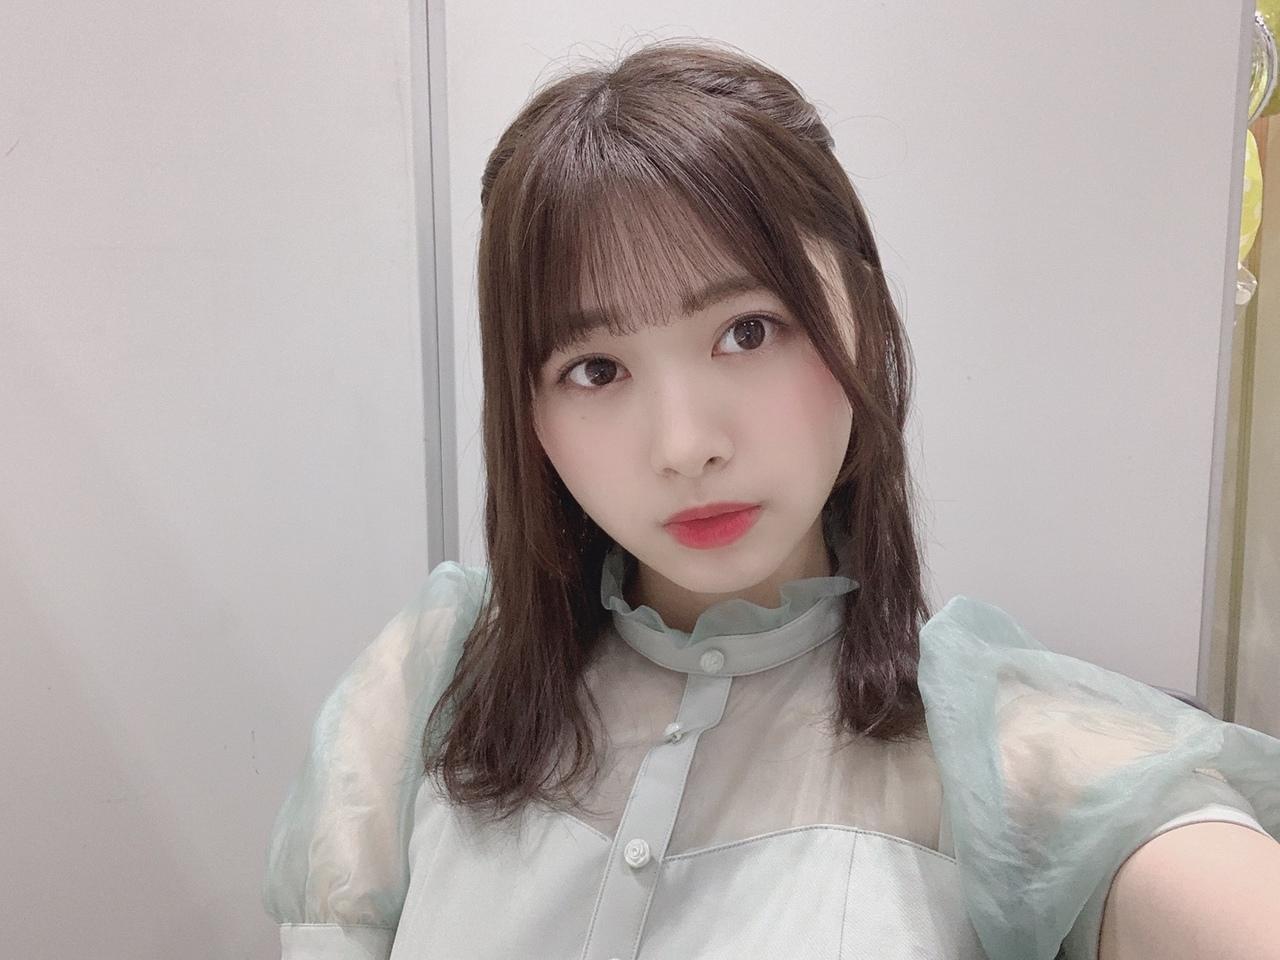 日向坂46メンバーブログまとめ2019年9月4日